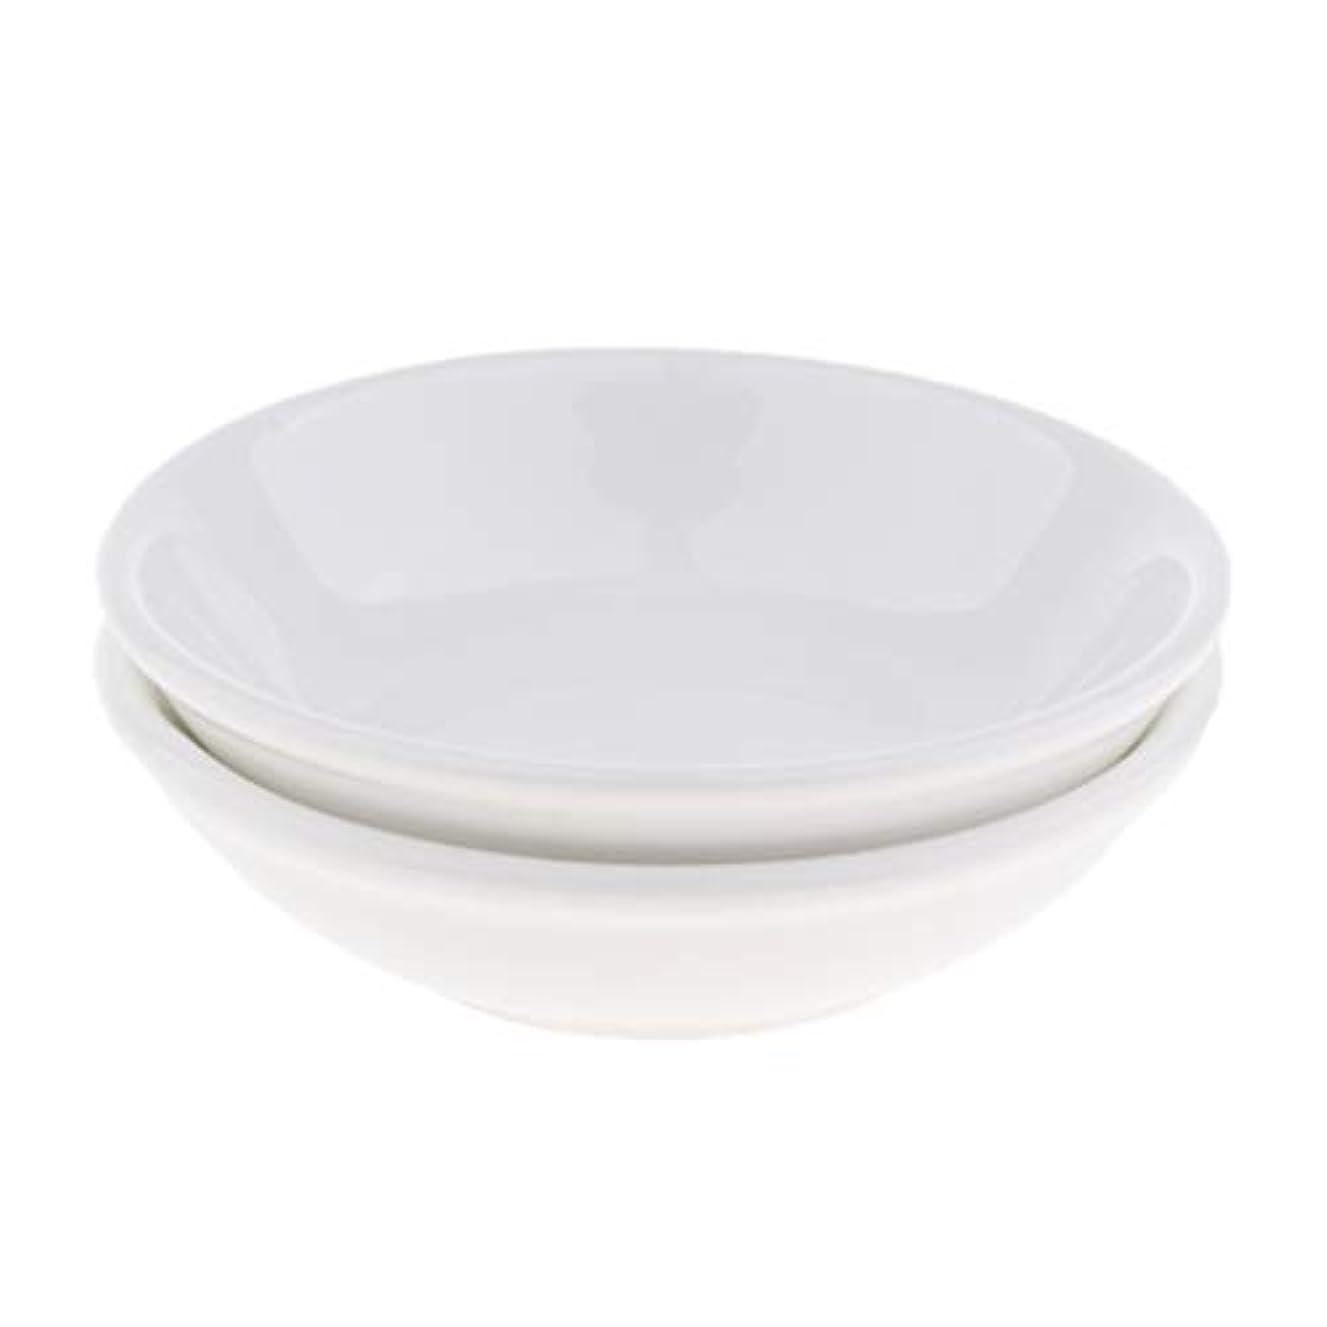 Hellery 2ピース/個オイルウォーマー交換用皿、幅9.7cmの白いセラミックボウル、電気オイルアロマセラピーバーナーヒーター用交換皿